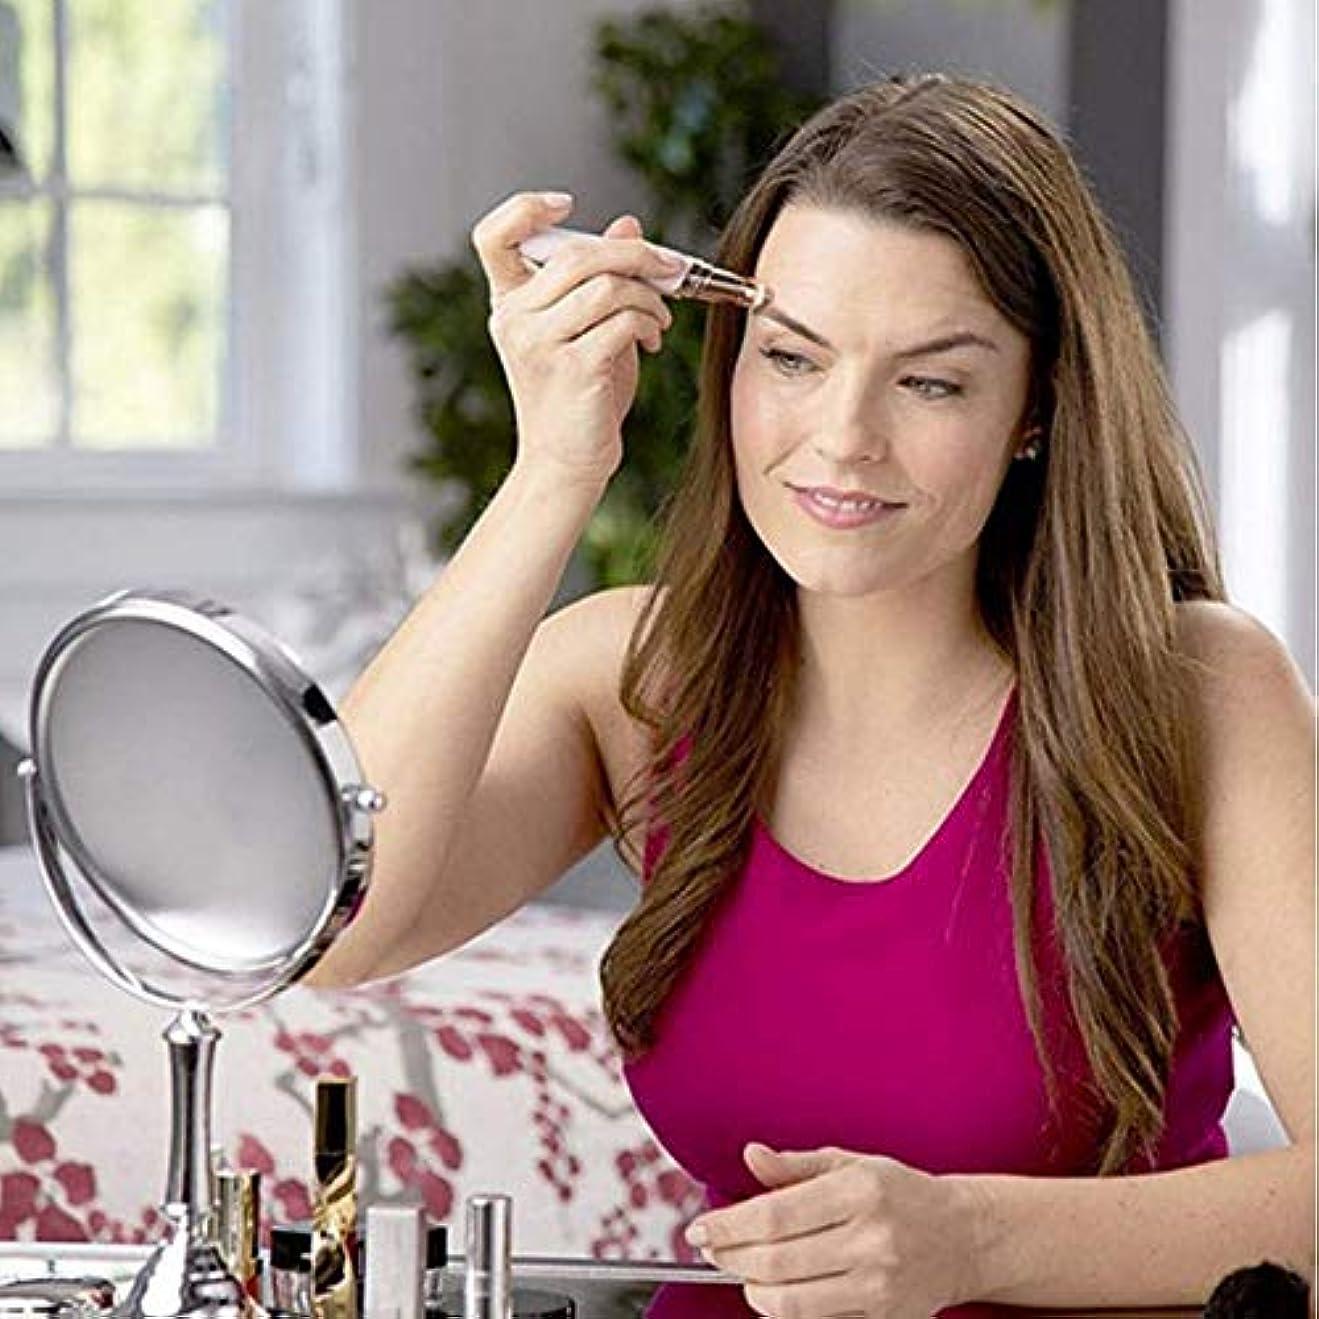 ハグ重力評決眉毛リムーバー、女性のための電気眉毛トリマー脱毛器を充電するusb、ライト付きポータブル痛みのない眉毛シェーバー